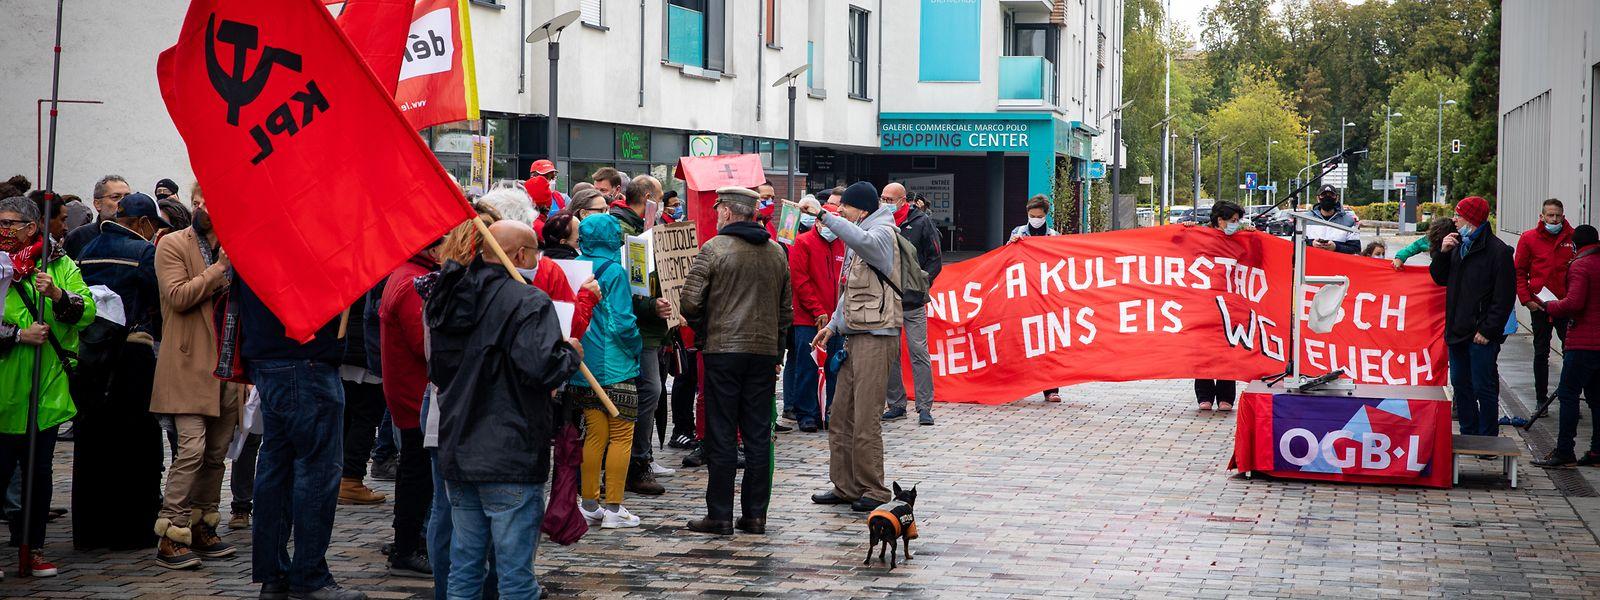 Les manifestants ont dénoncé la problématique du logement à Esch mais plus largement au Luxembourg.